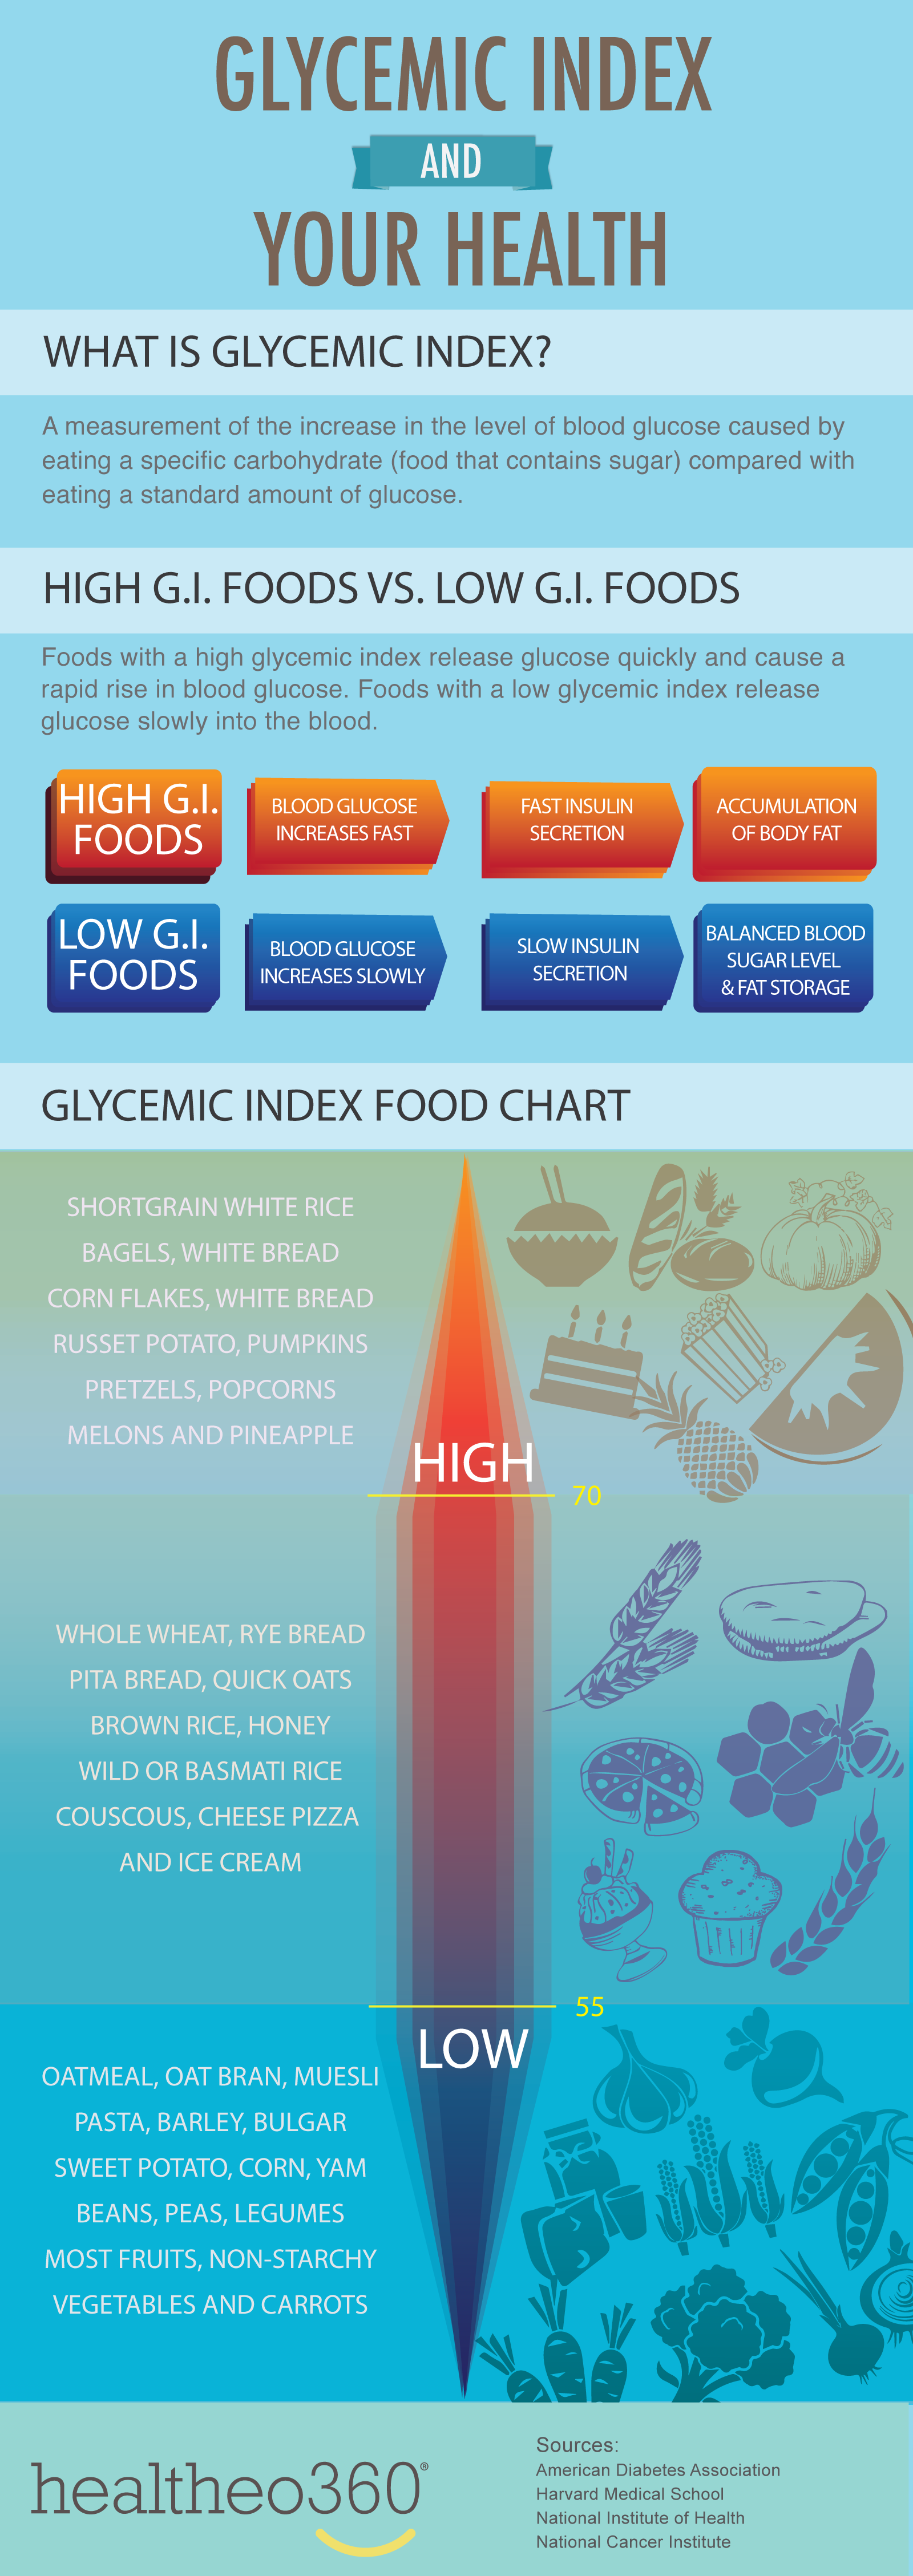 1200 calorie diet plan using frozen meals photo 1